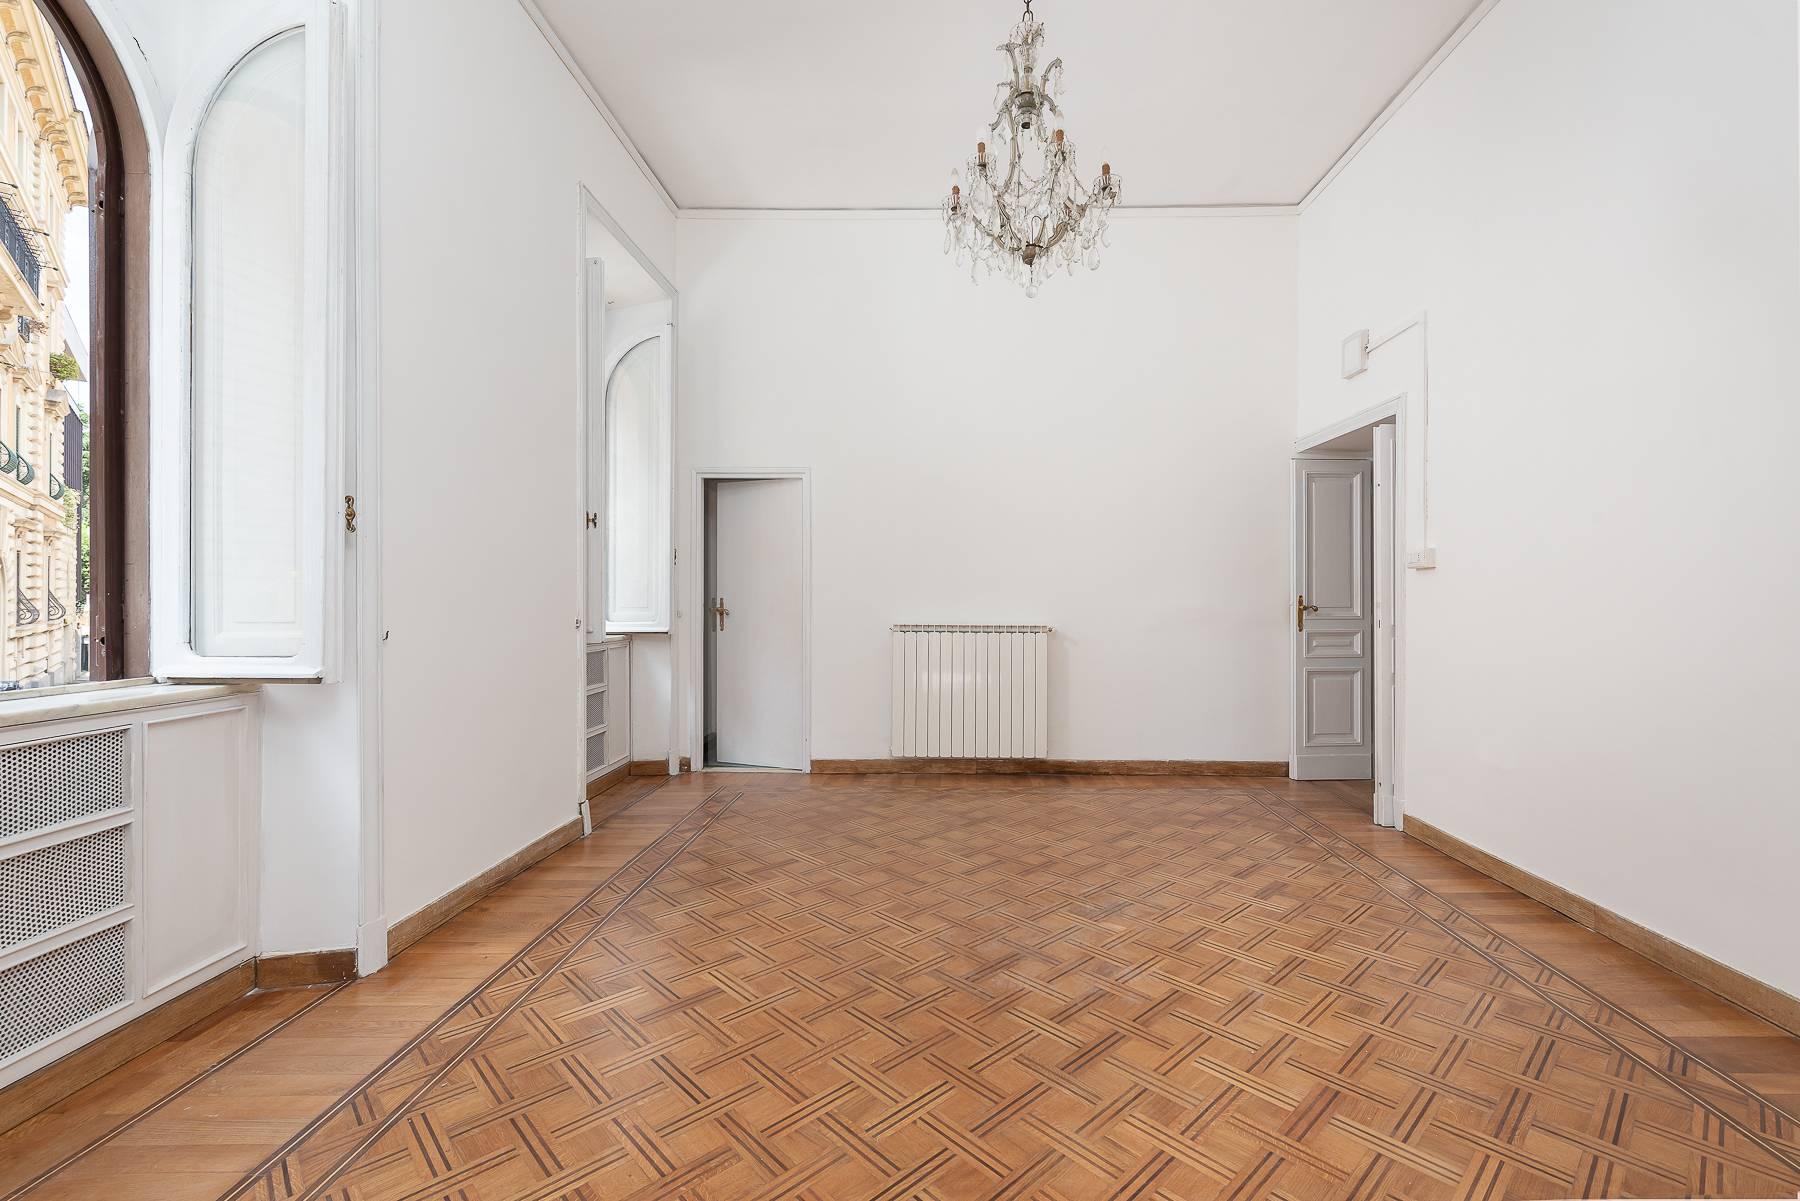 Ufficio-studio in Vendita a Roma: 5 locali, 322 mq - Foto 7